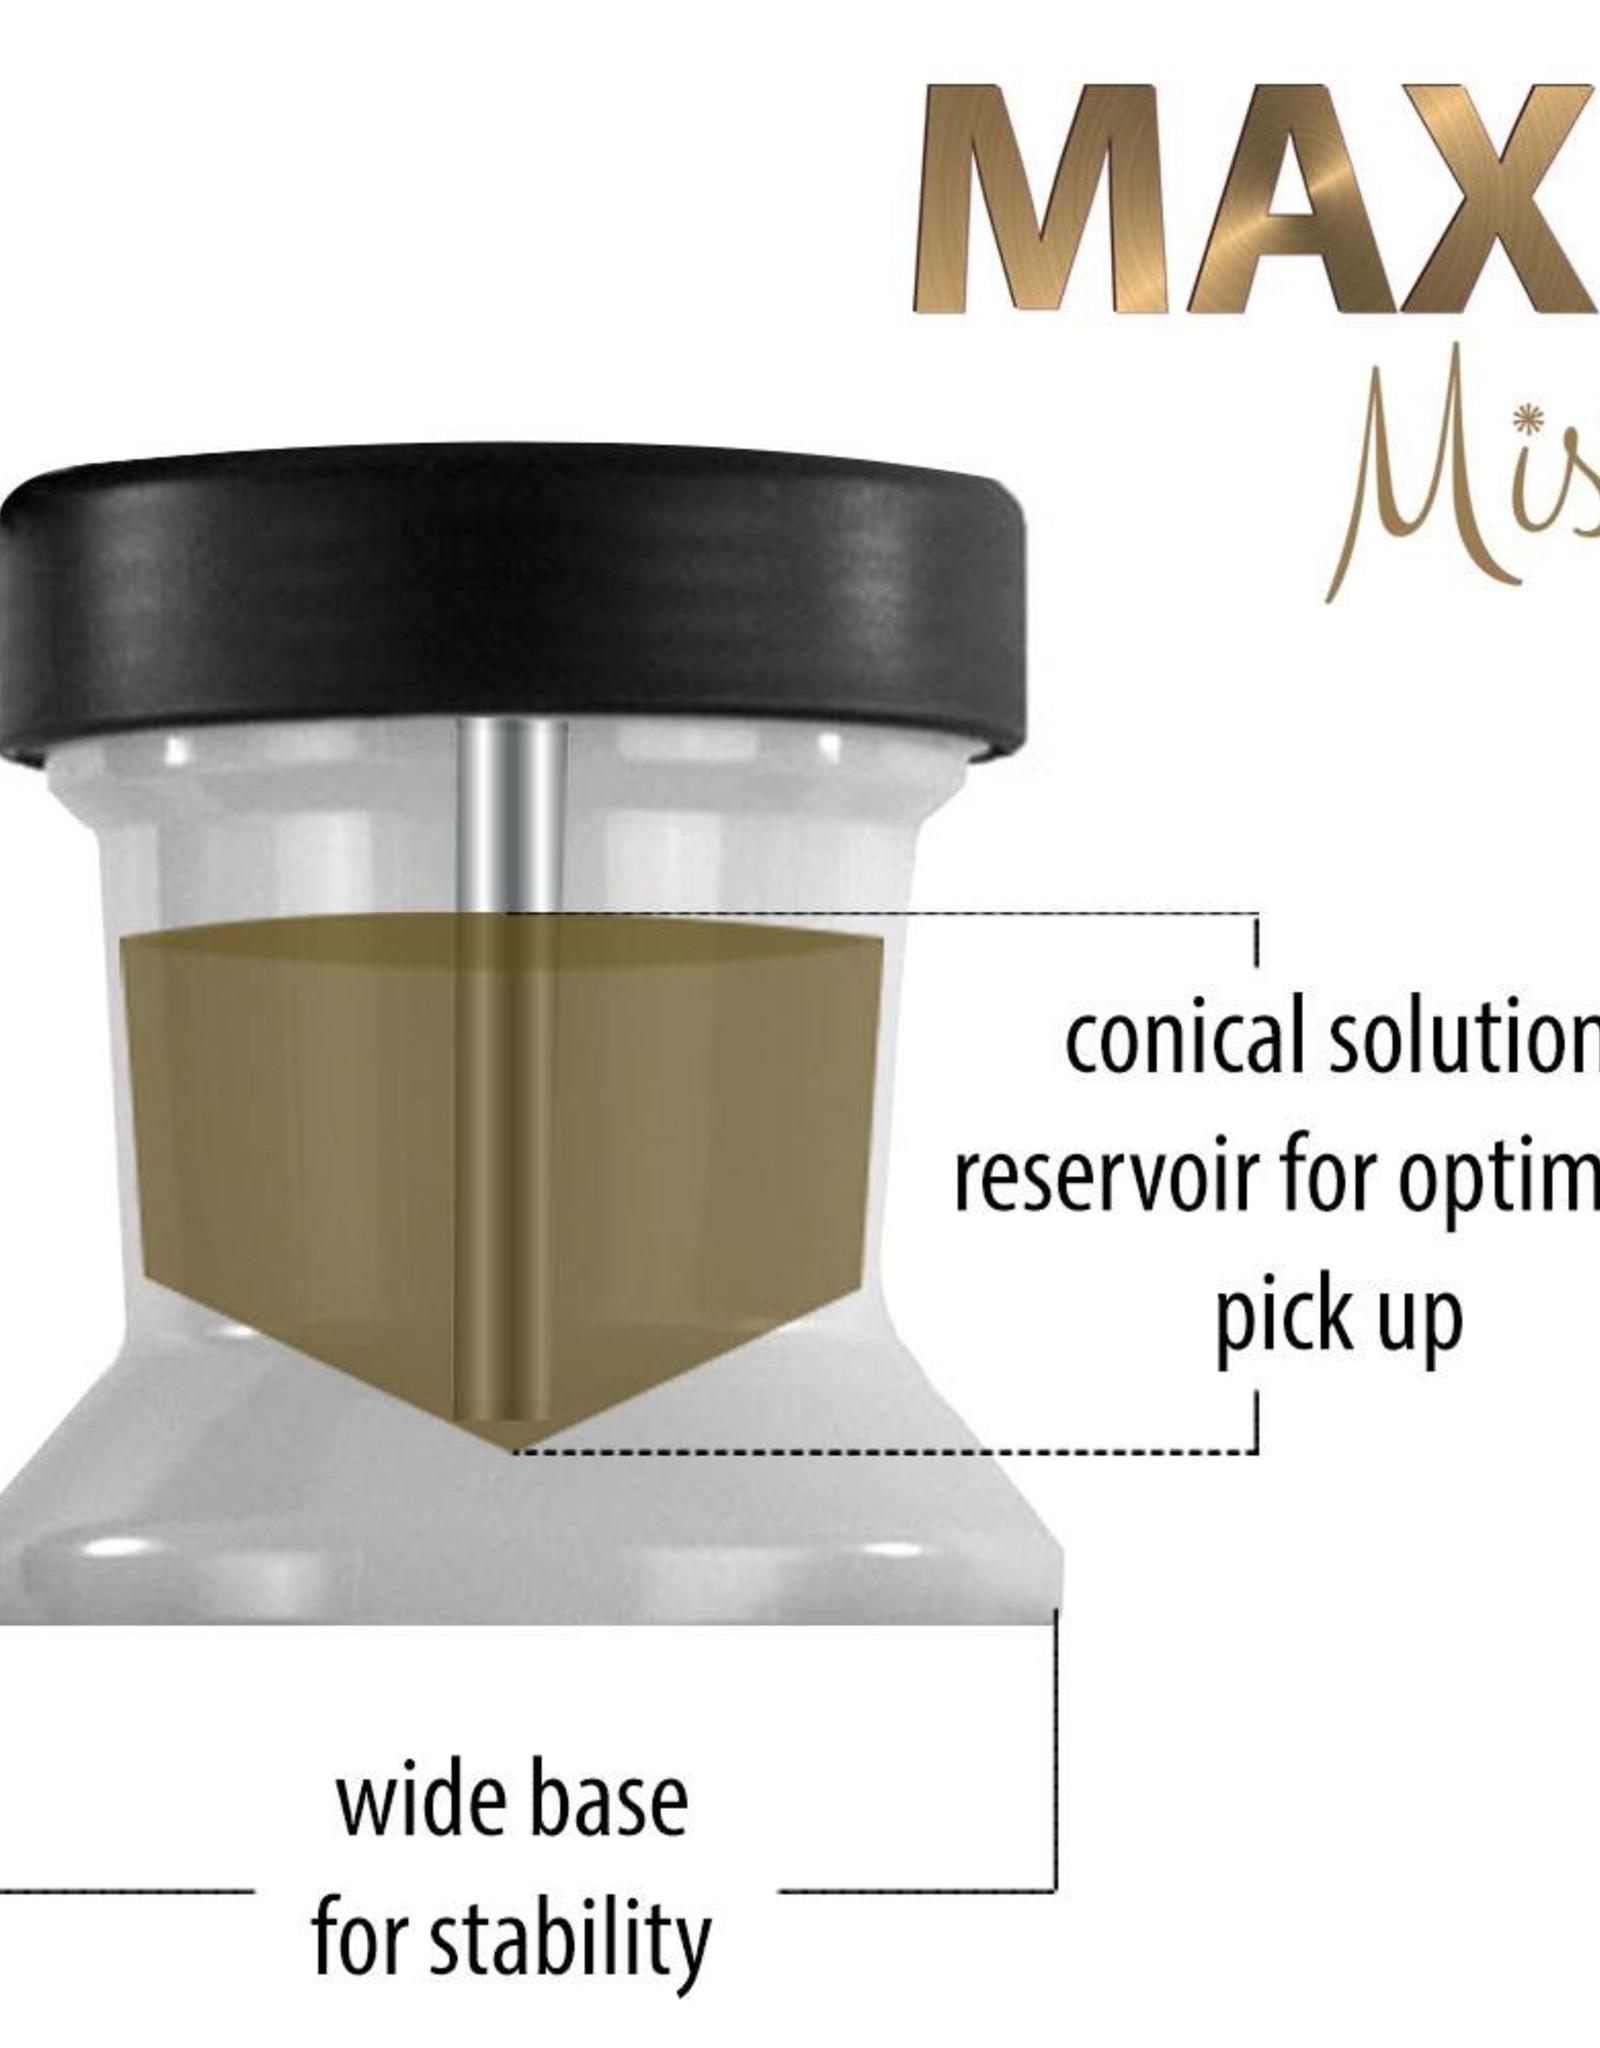 MaxiMist Maximist Spraymate TNT | HVLP - Spray Tan apparaat